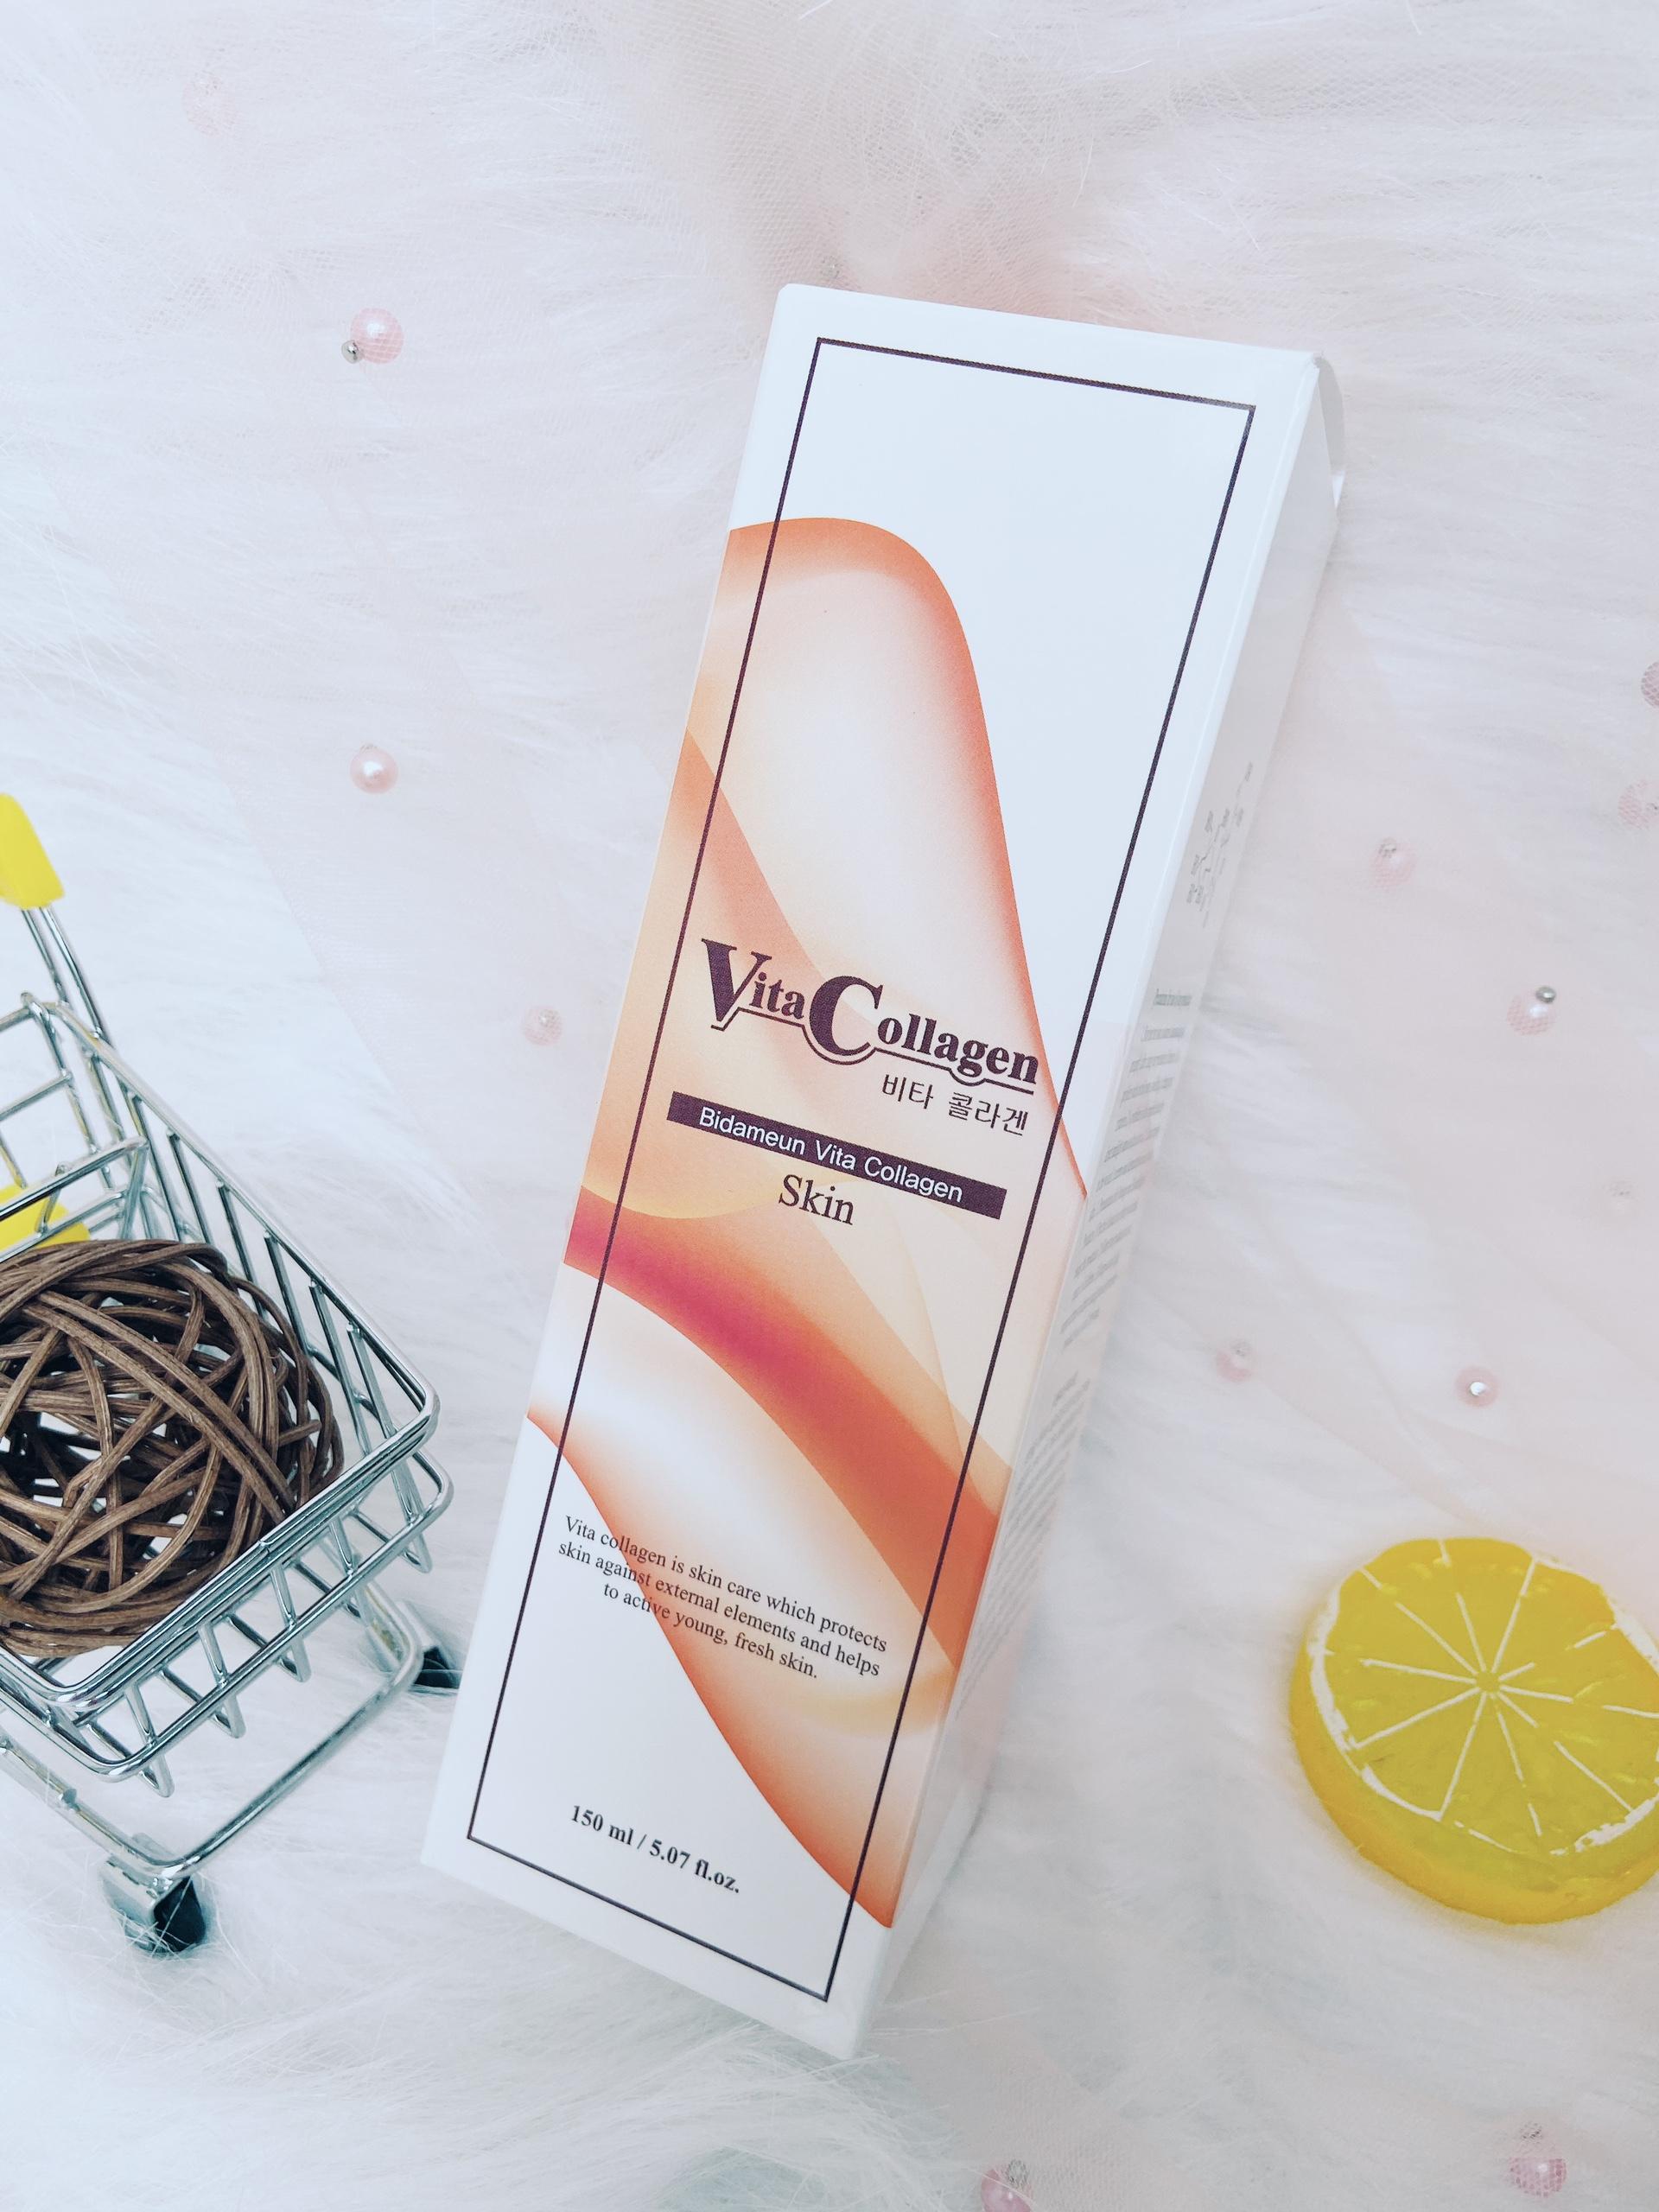 Bidameun - Nước Hoa Hồng Vita-collagen Giúp Giảm Nhăn & Săn Chắc Da 150ml Bất Ngờ Ưu Đãi Giá